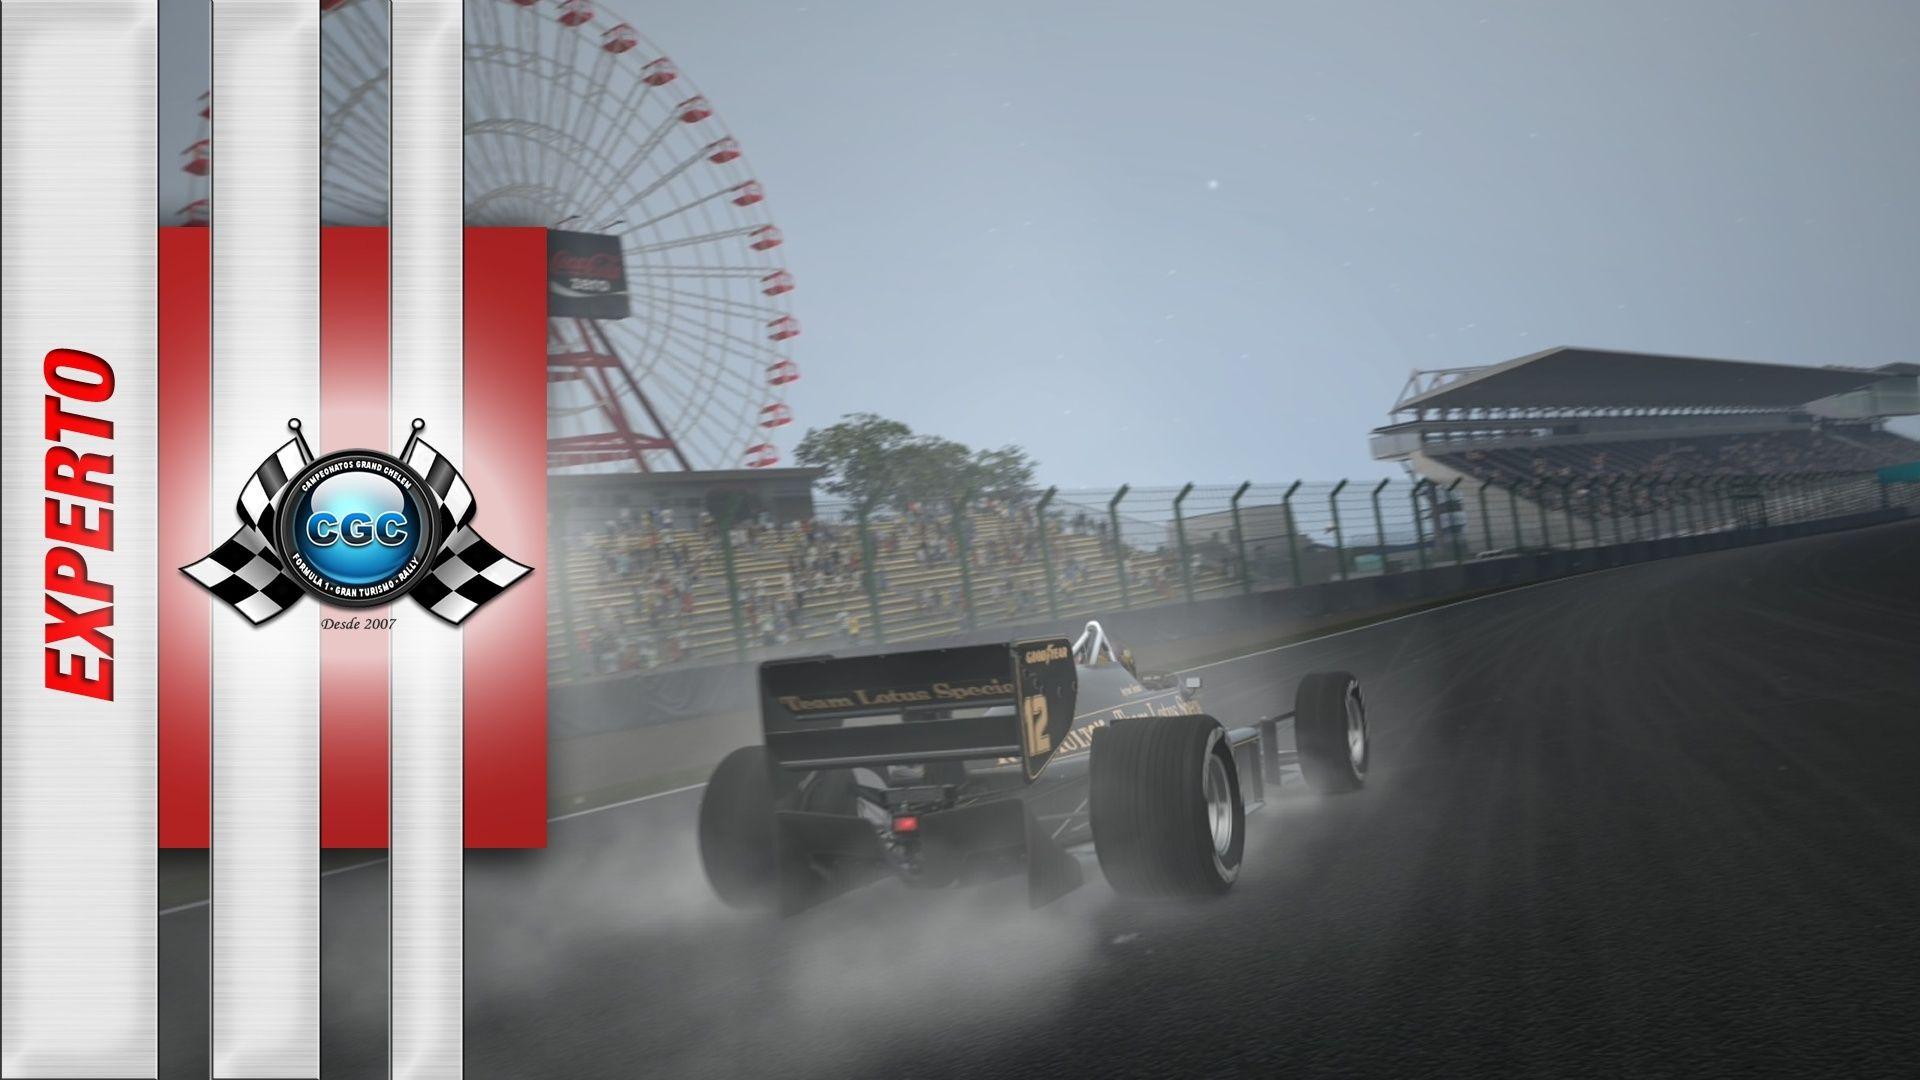 ▄▀▄▀▄▀ Hilo General GT1 [Temporada de Verano 2016] ▀▄▀▄▀▄ F110